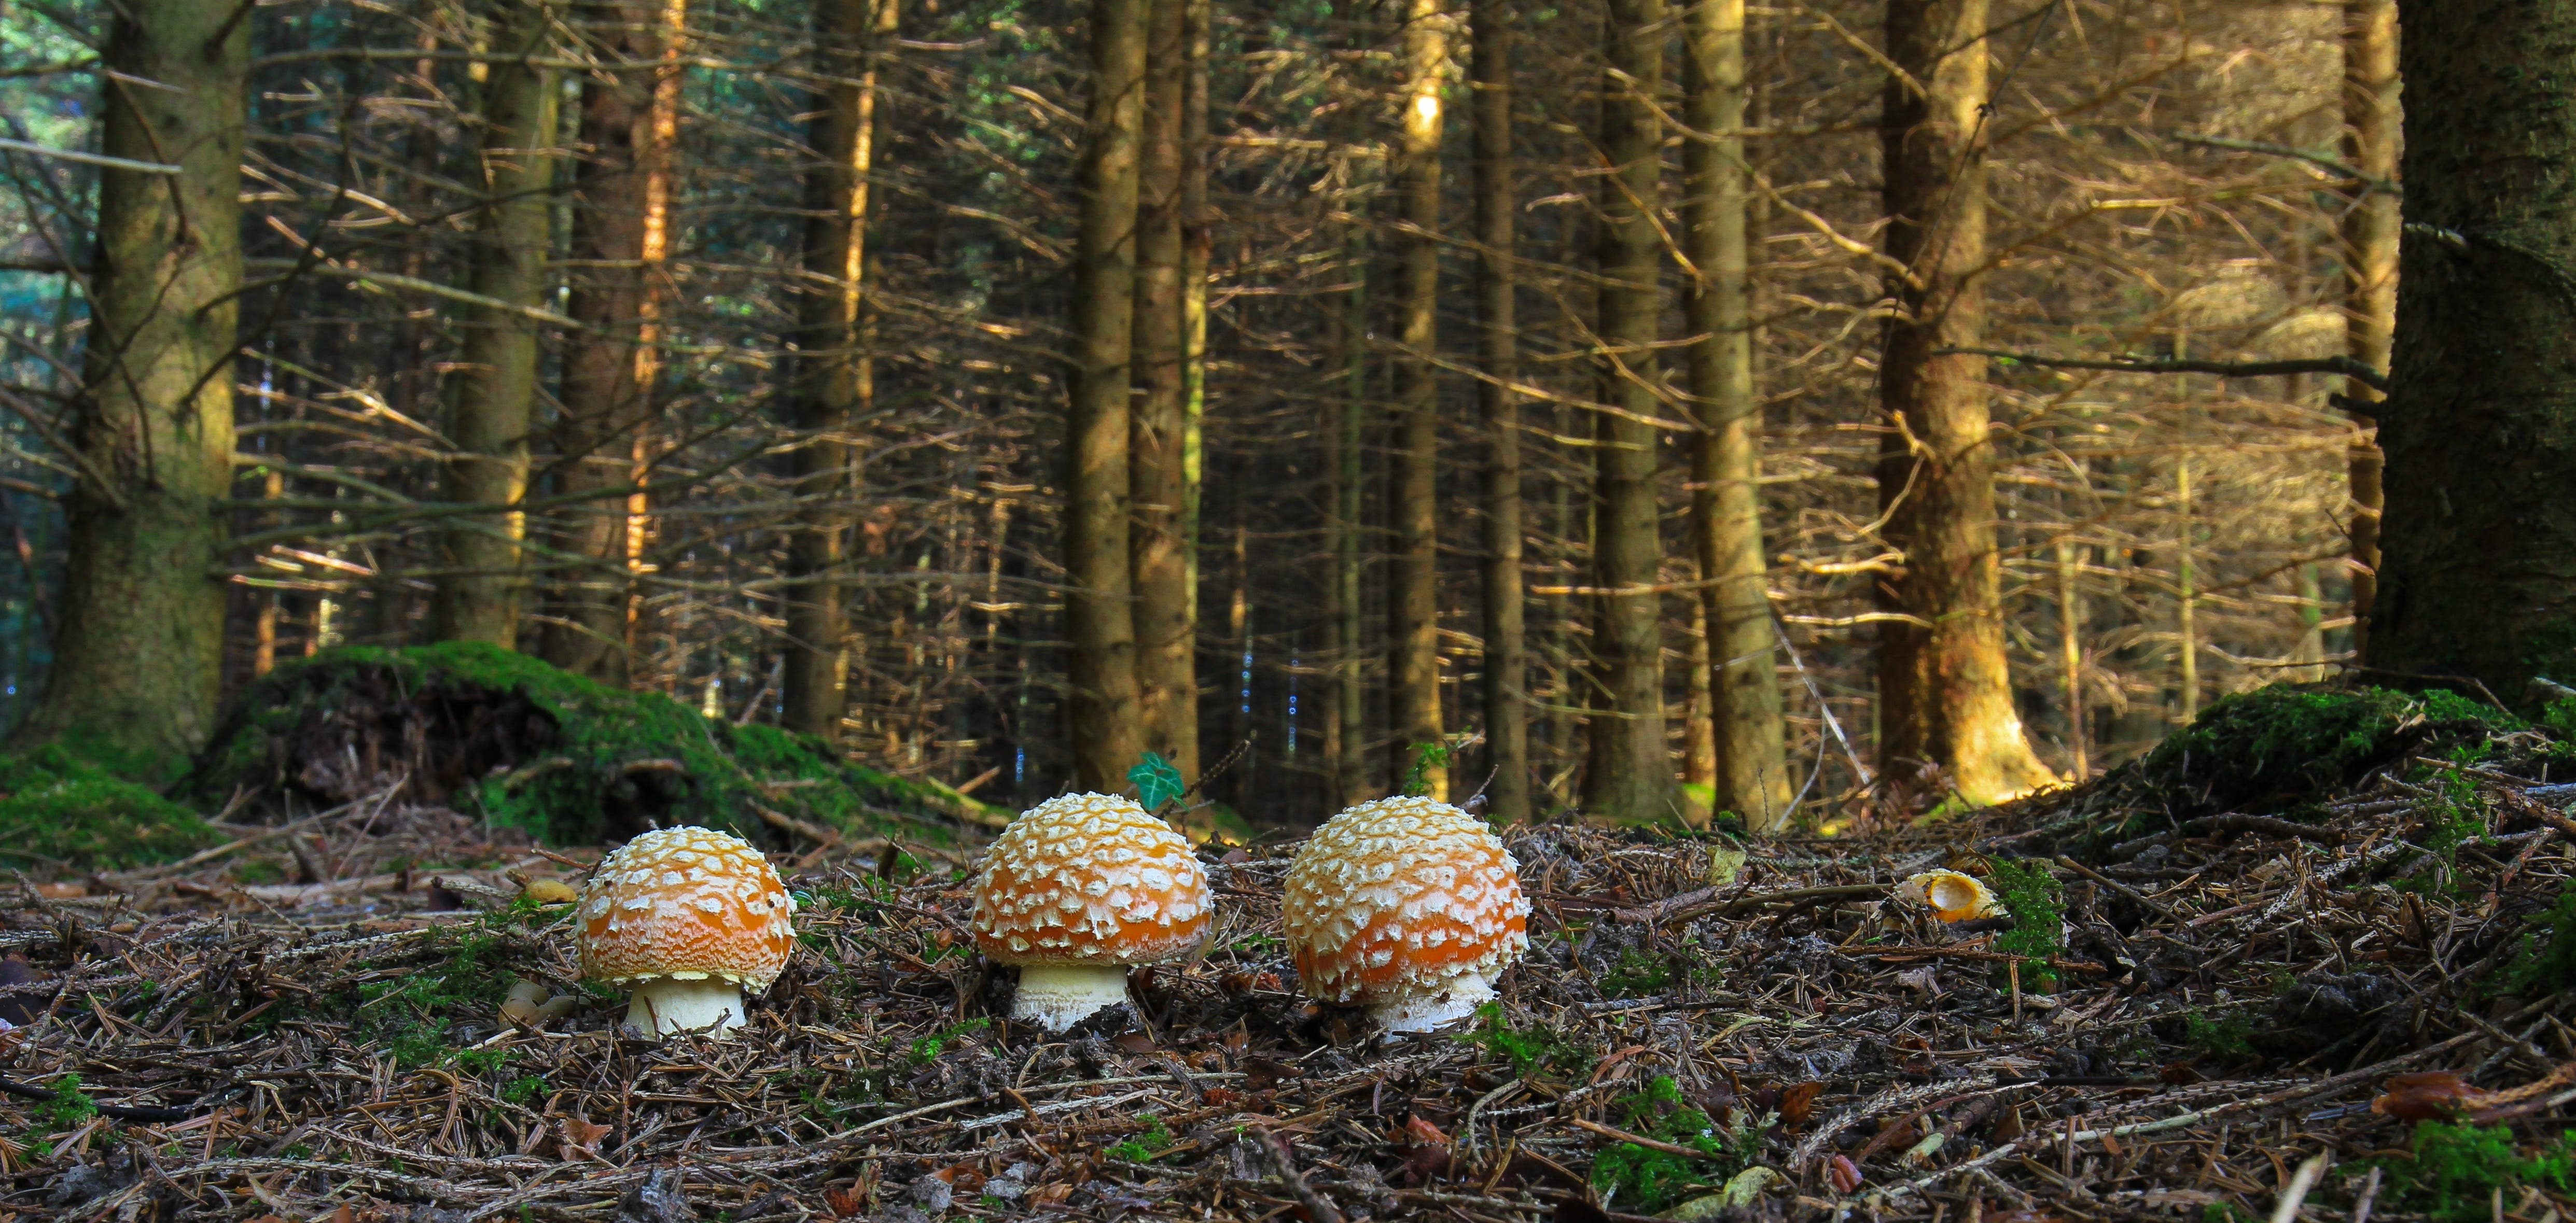 Militärisch gerade ausgerichtete Fliegenpilze stellen sich im Bresteneggerwald zur Schau.